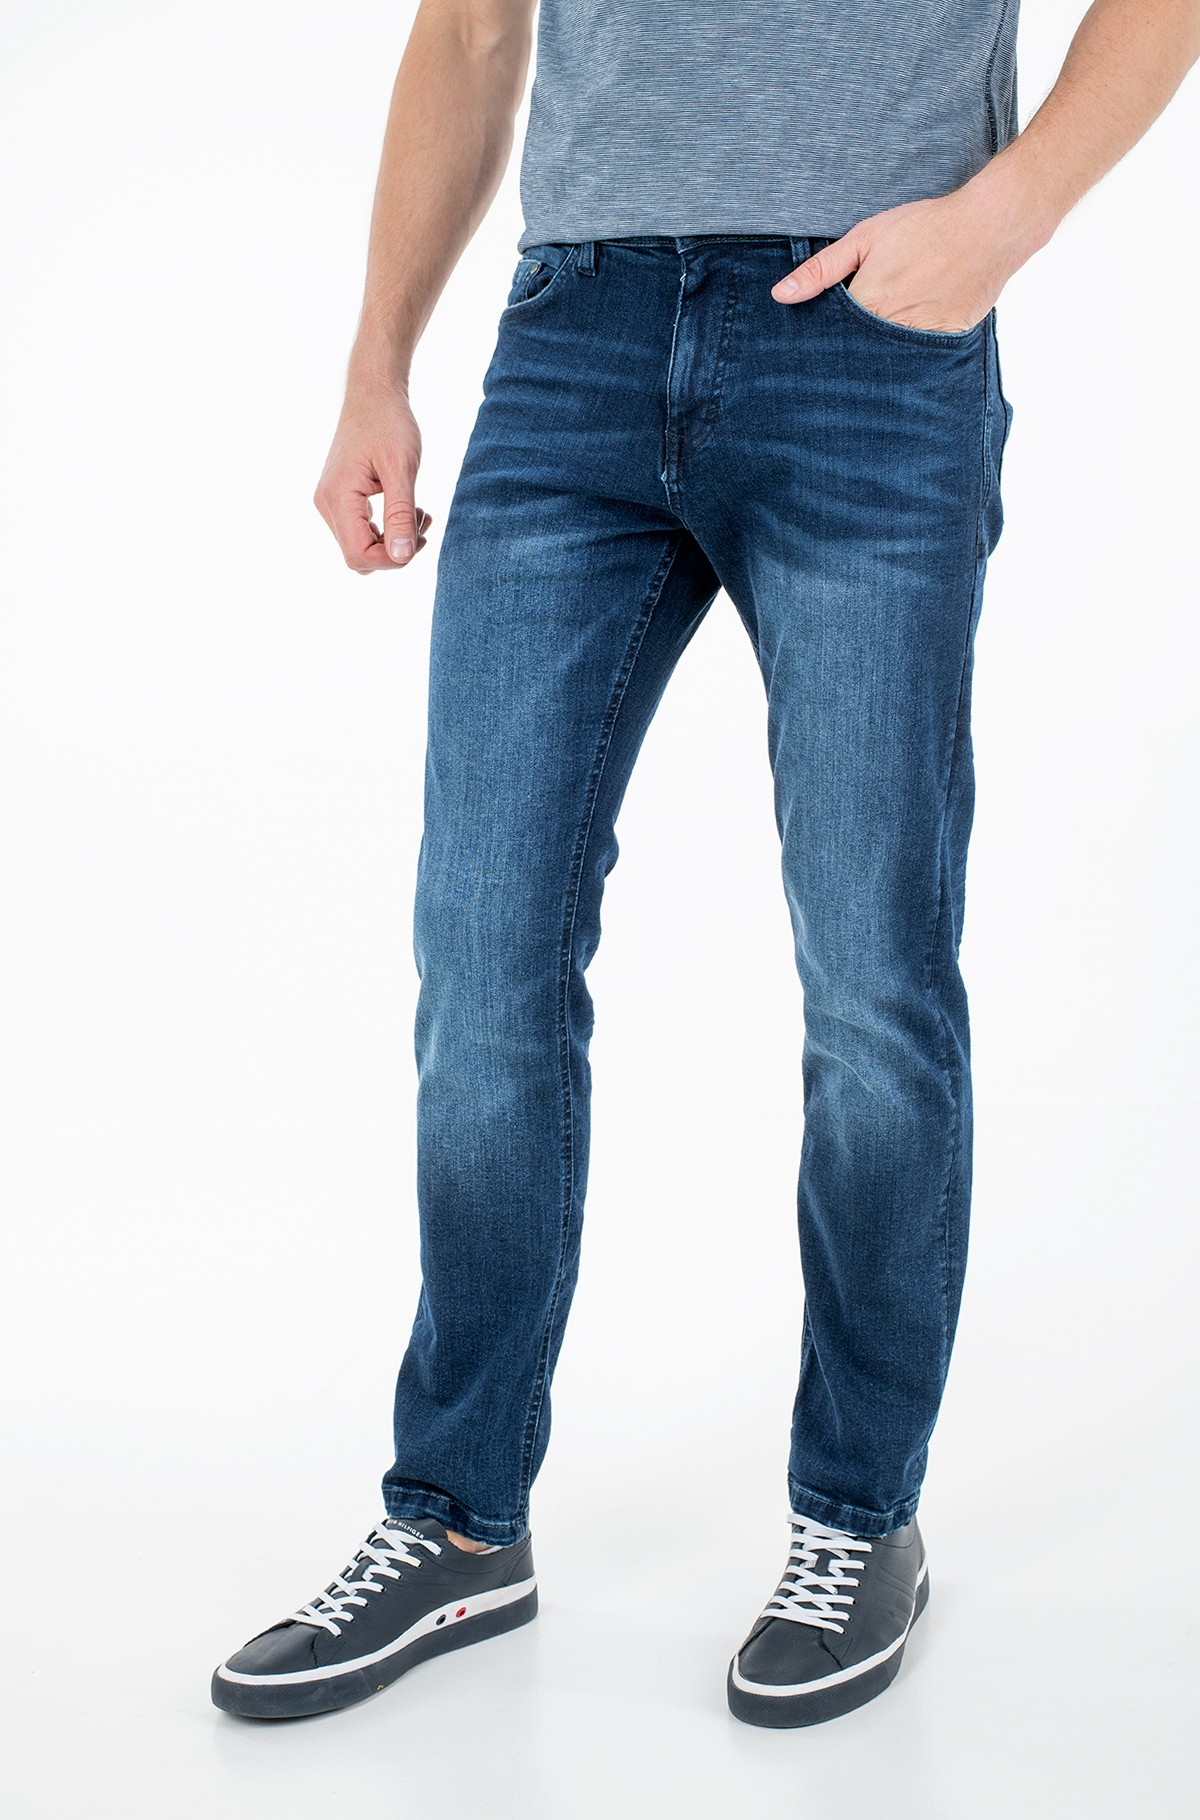 Jeans 1021912-full-1